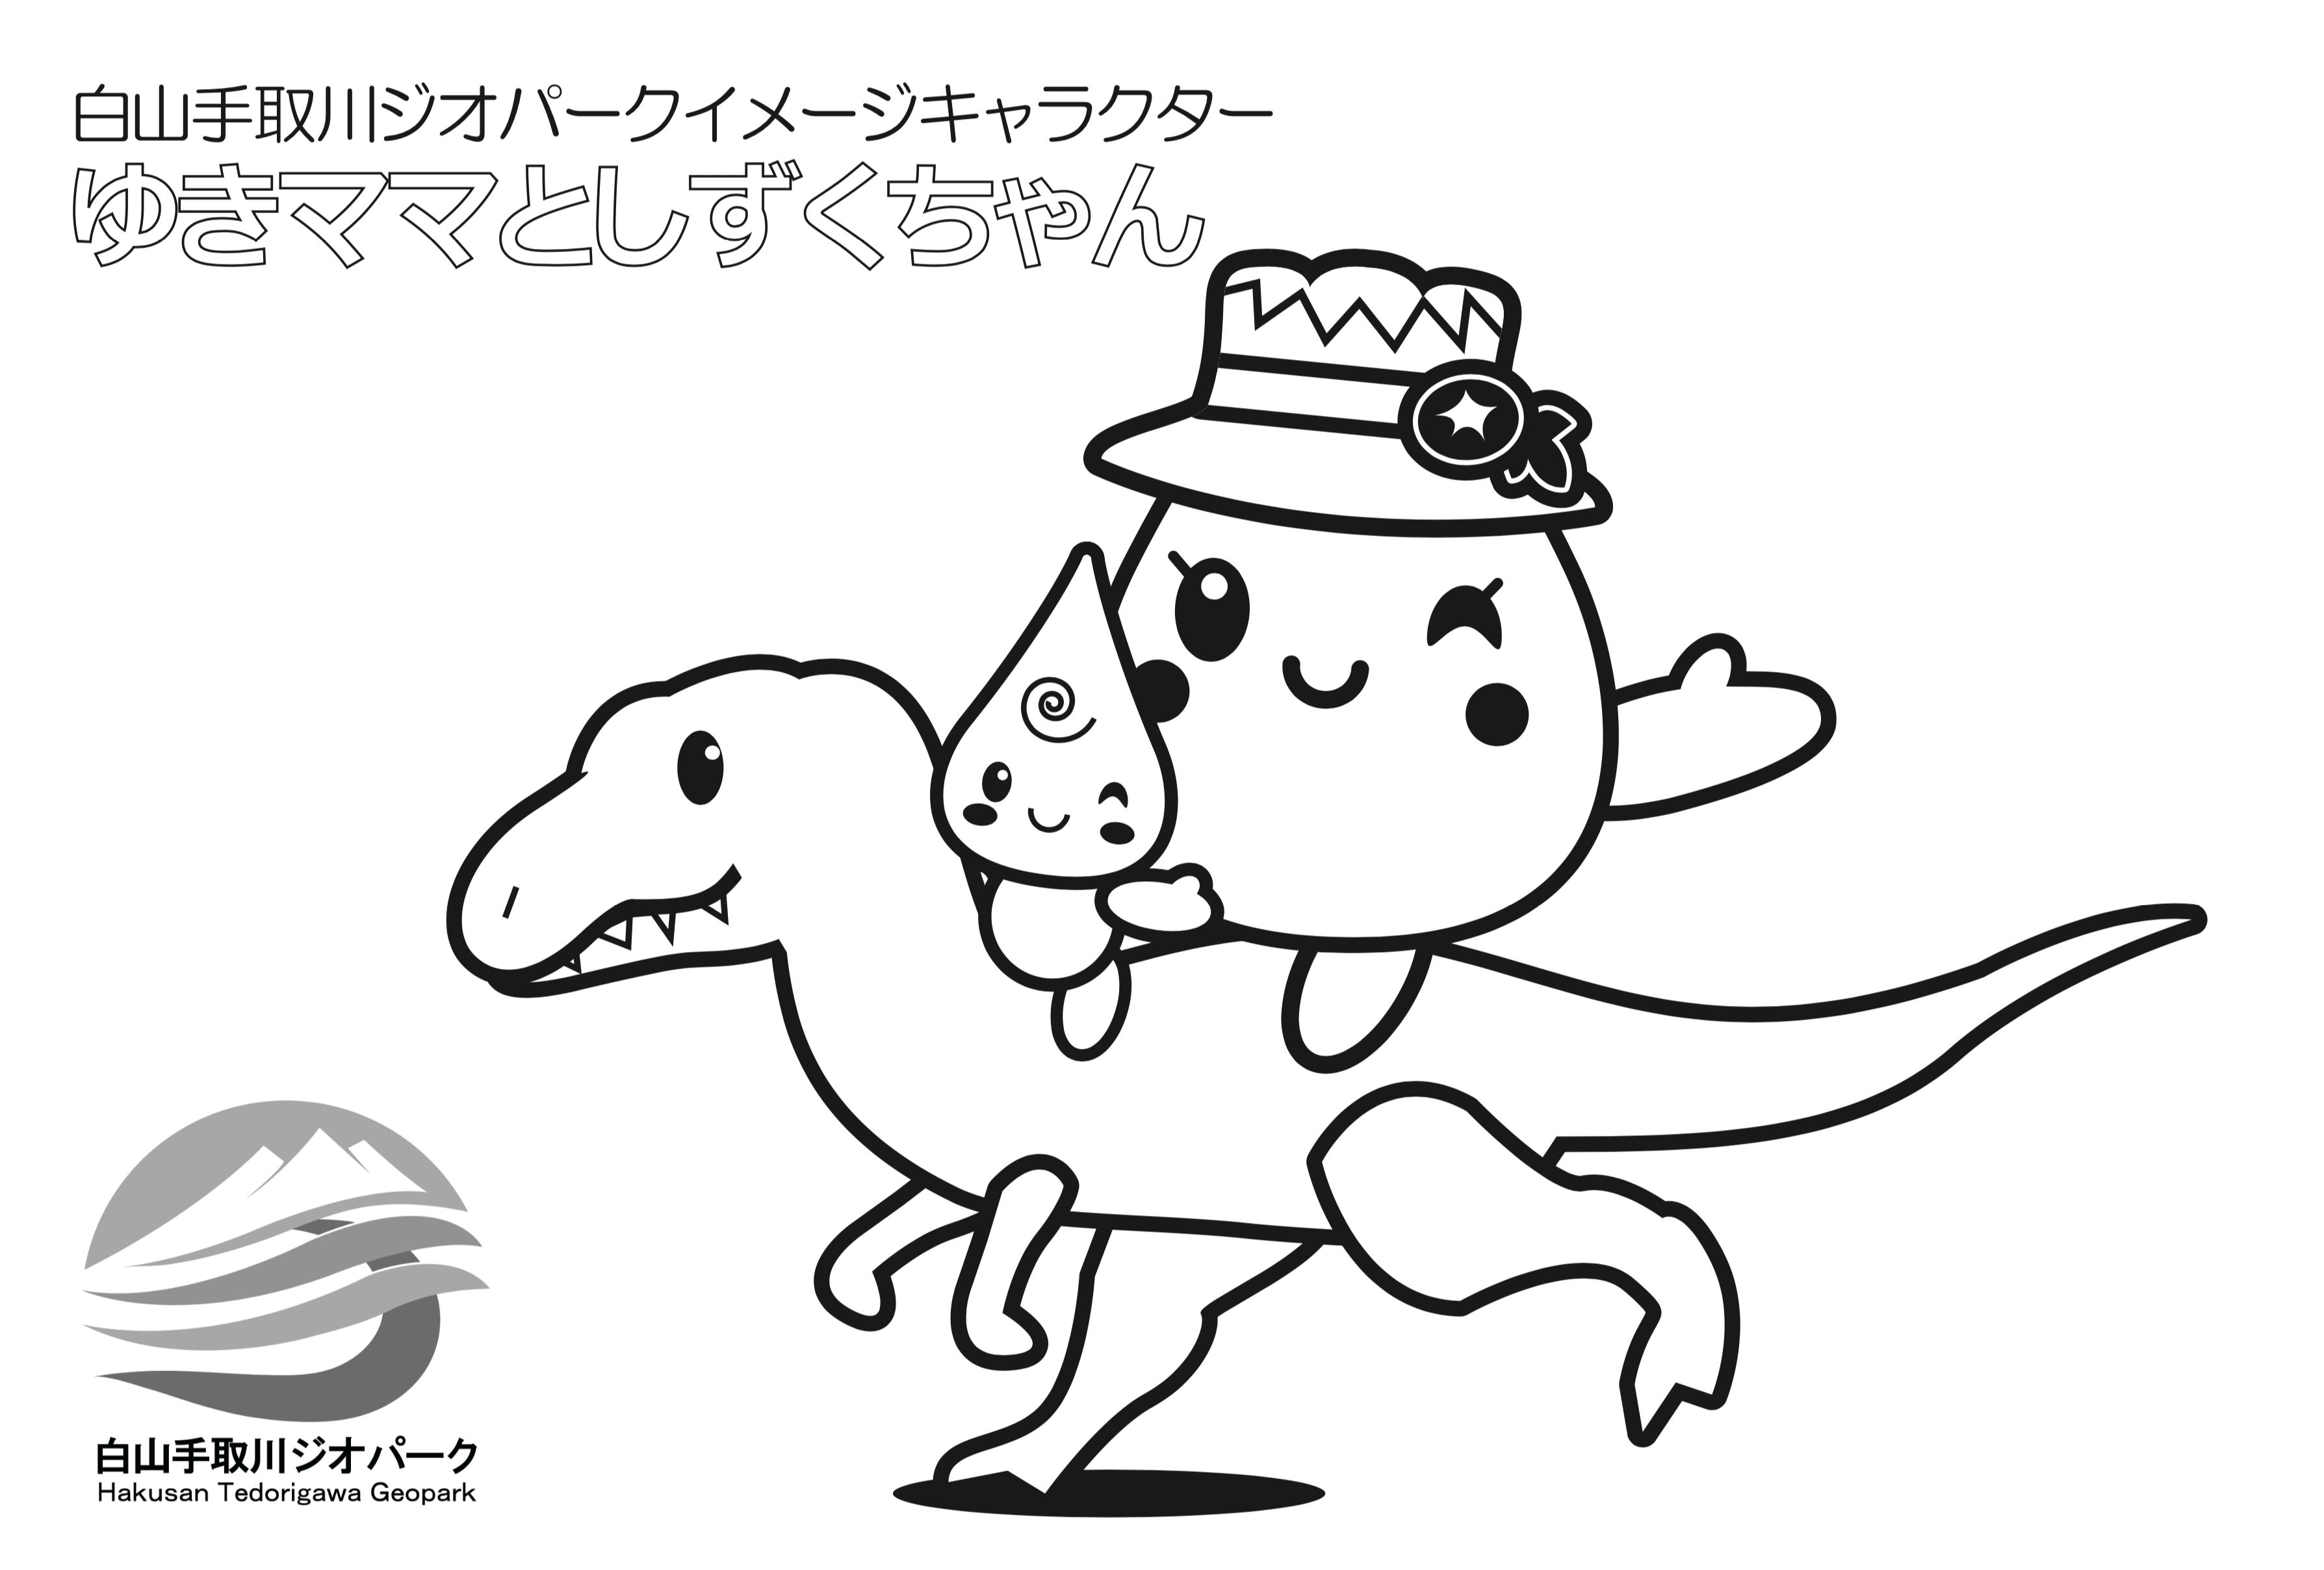 ぬりえ【ゆきママとしずくちゃんと恐竜】